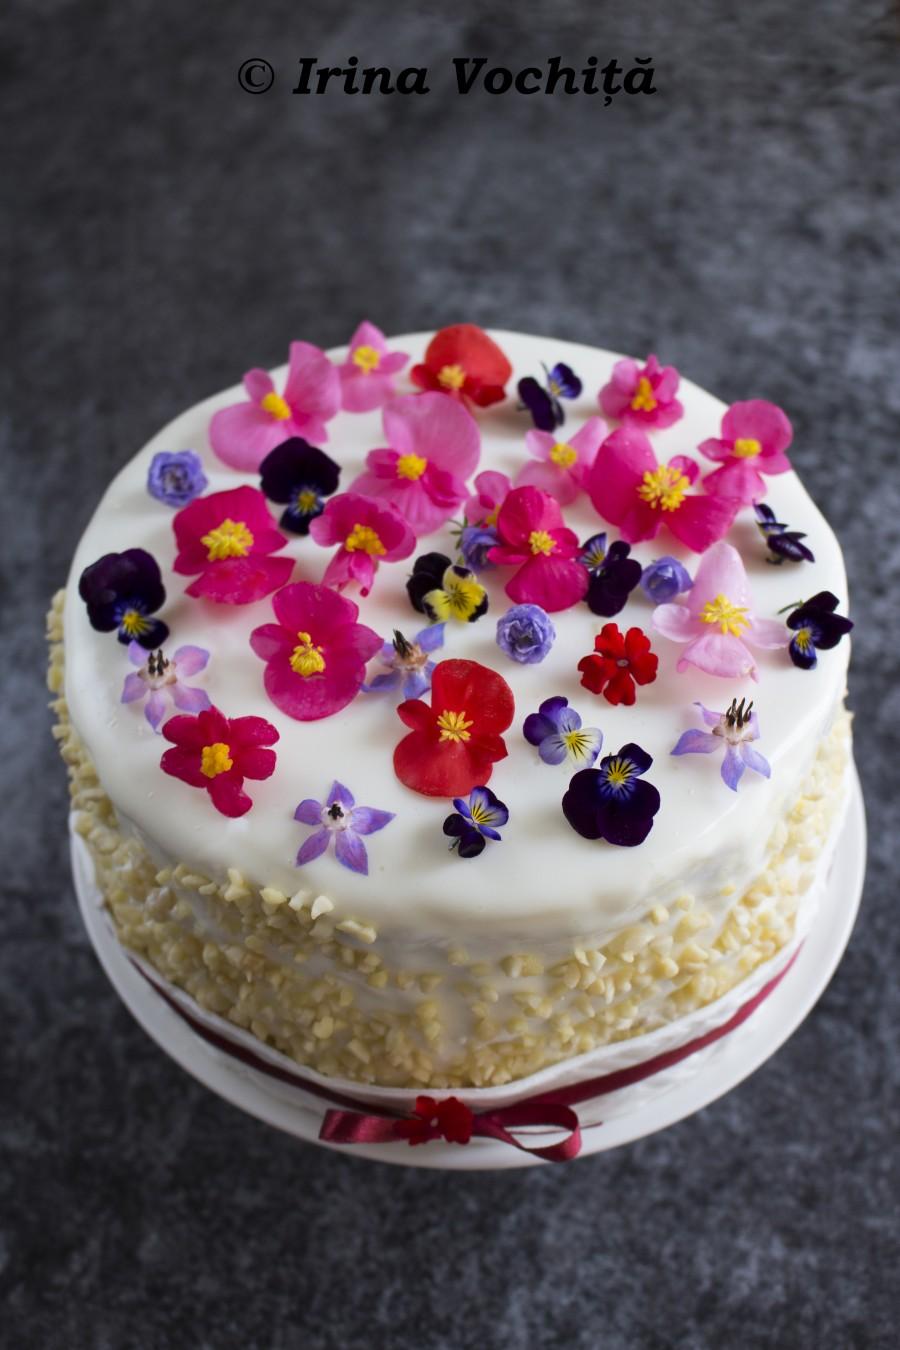 tort cu morcov, mascarpone si flori comestibile